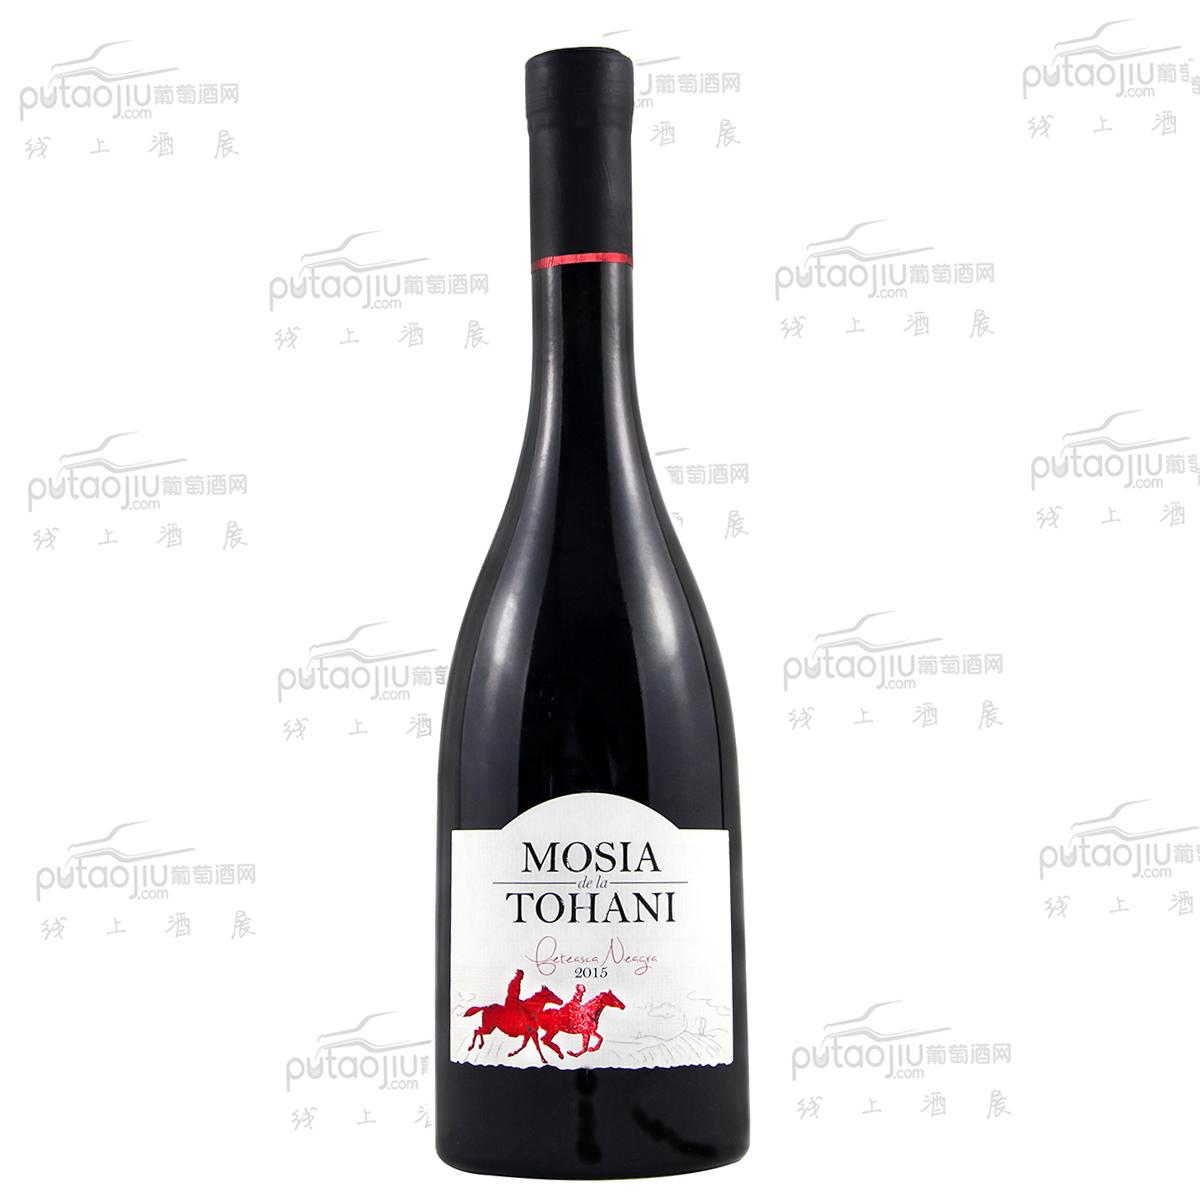 摩西黑姑娘干红葡萄酒